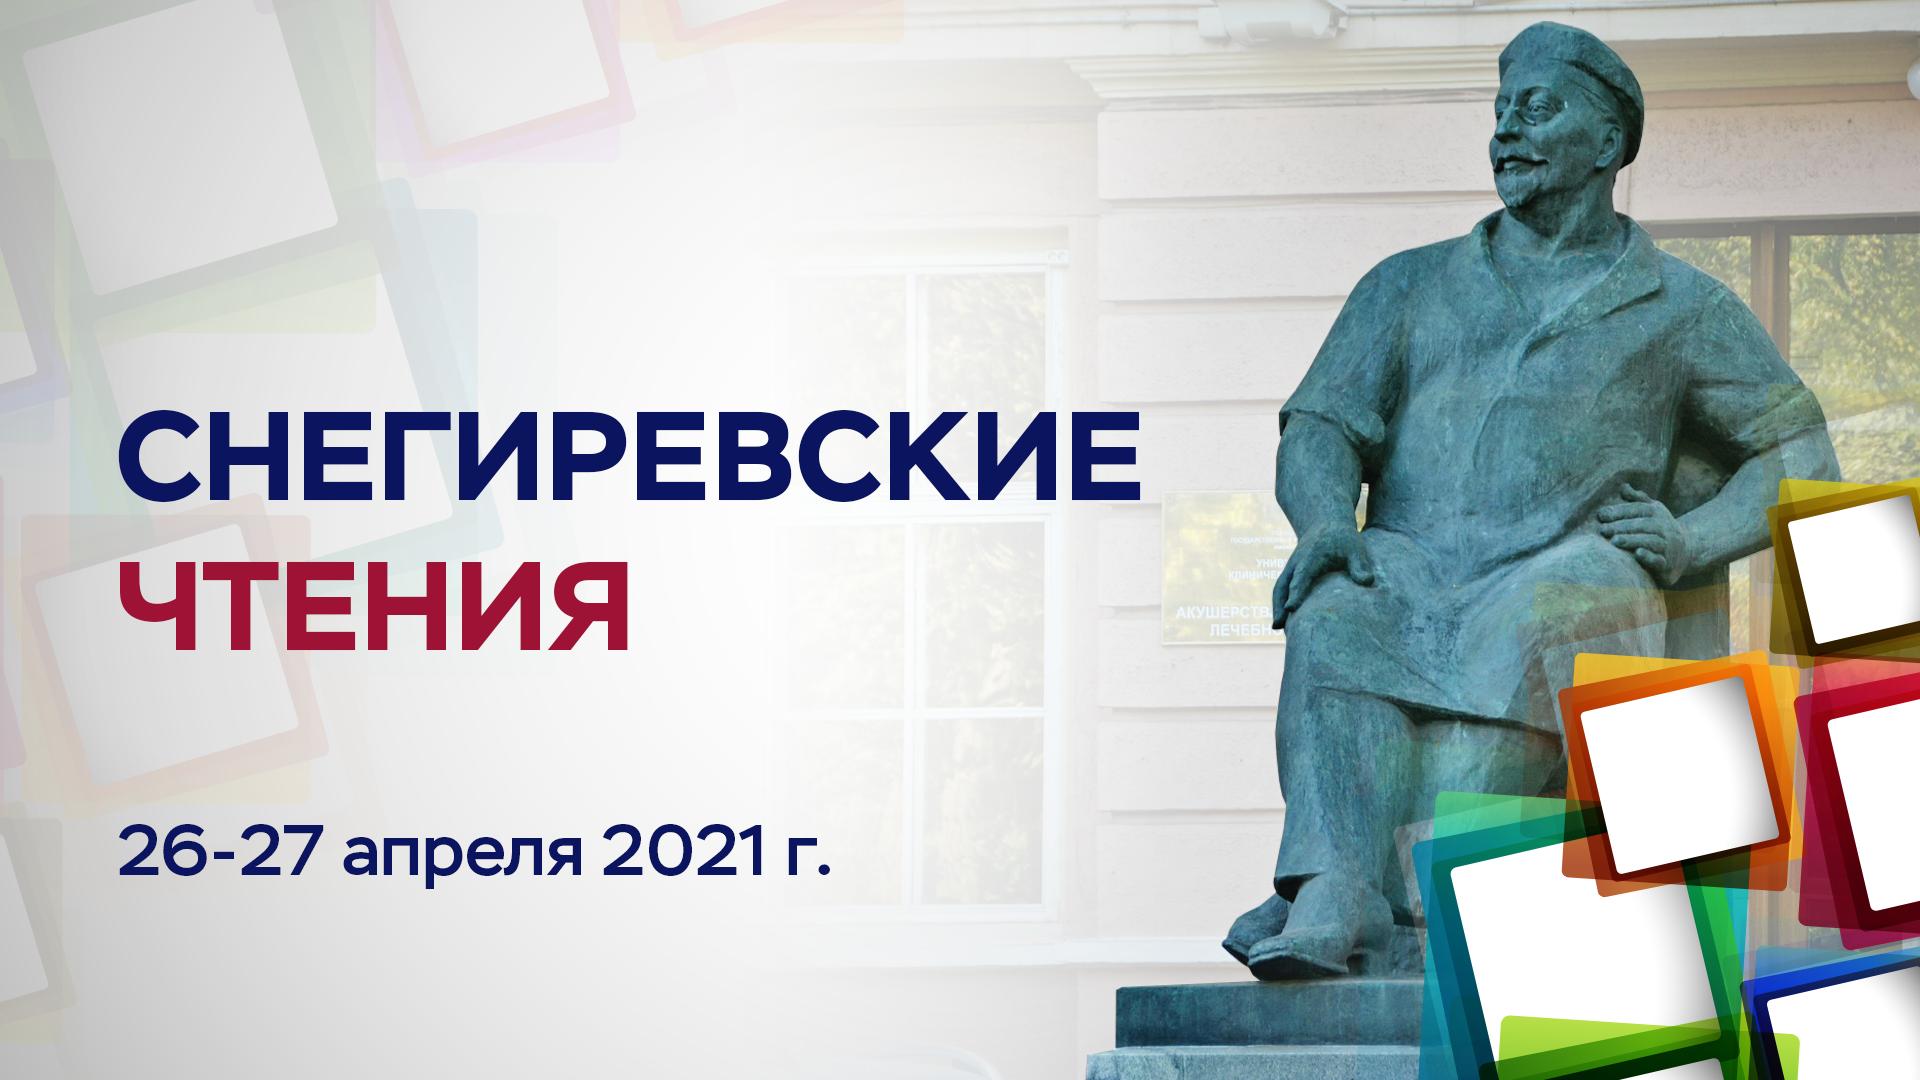 Российская научно-практическая конференция с международным участием «СНЕГИРЕВСКИЕ ЧТЕНИЯ» — ДЕНЬ ПЕРВЫЙ